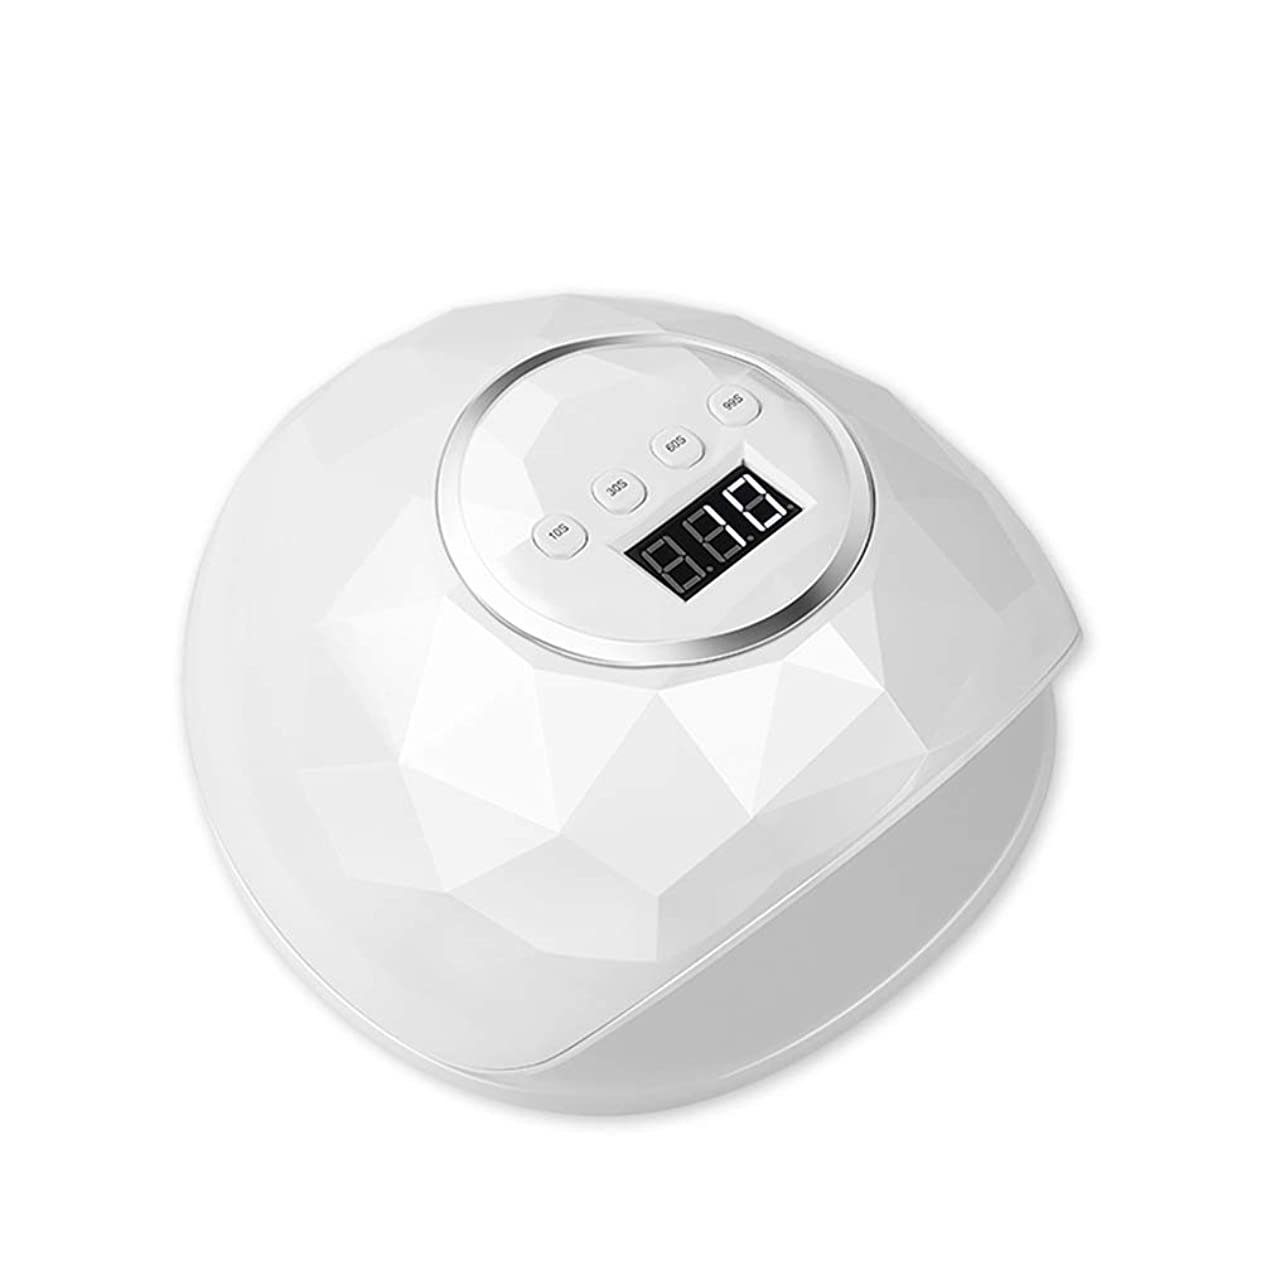 アラーム評価する引っ張る89Wハイパワーネイルランプ/ネイルドライヤー-39ランプビーズ/デュアル光源/スマートセンサー - ホワイト/ピンク - 4タイミング